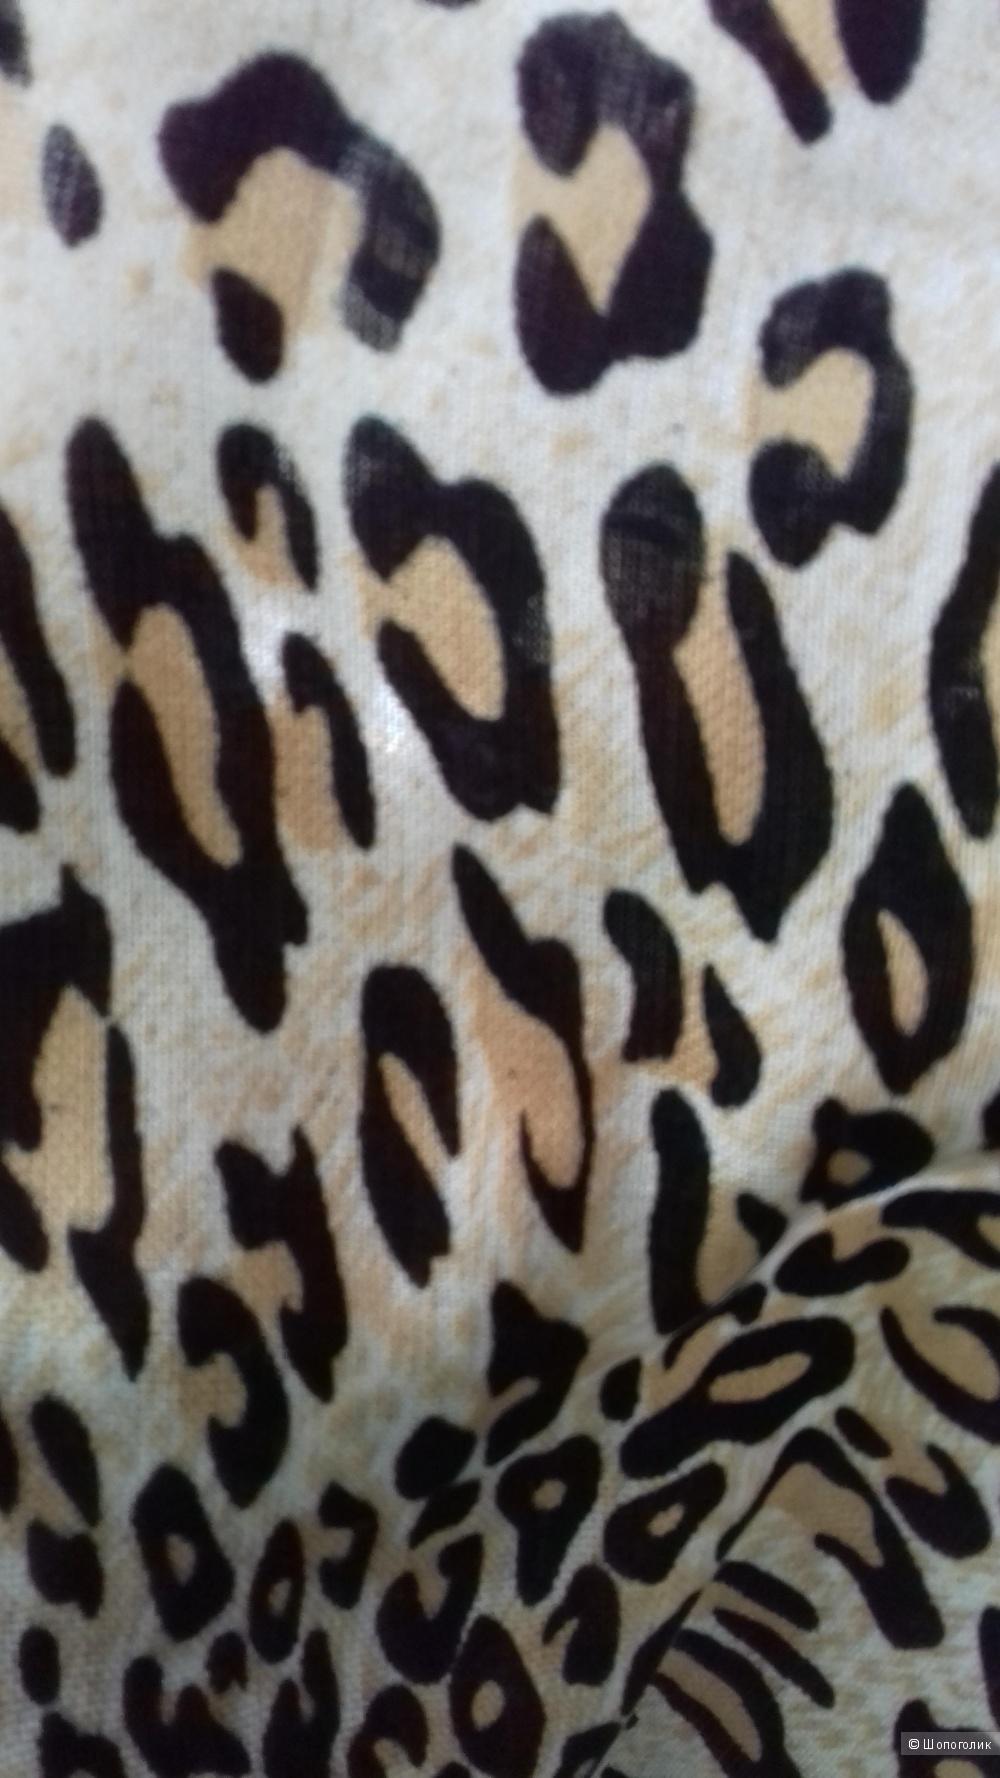 Палантин со звериным принтом, кашемир+ шелк + хлопок, Италия, размер 70 см. на 180см.